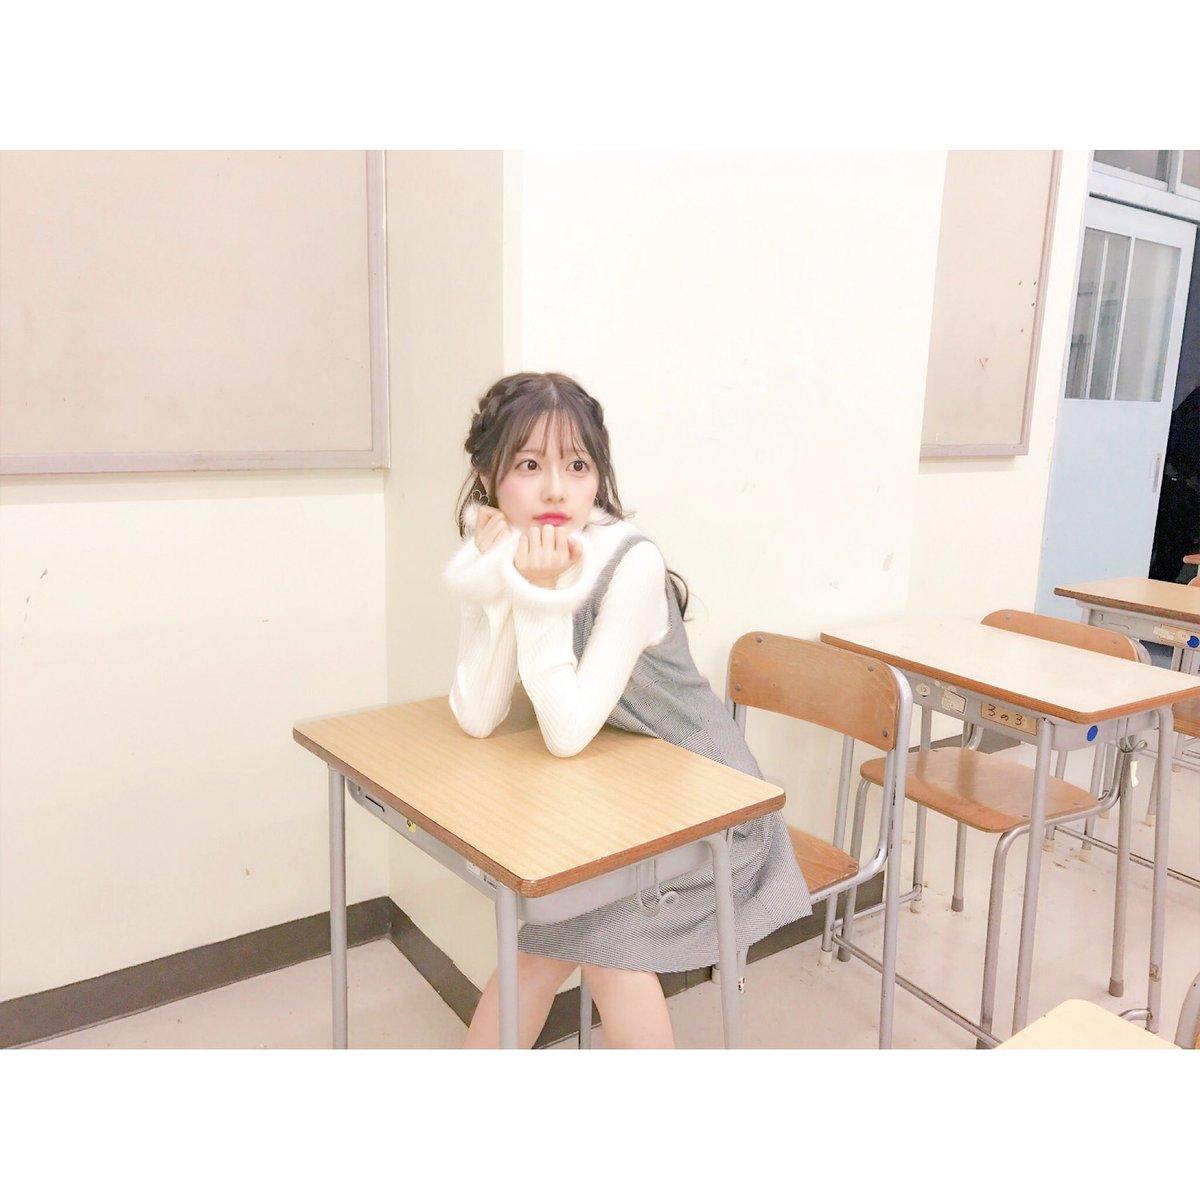 教室の礒部花凜